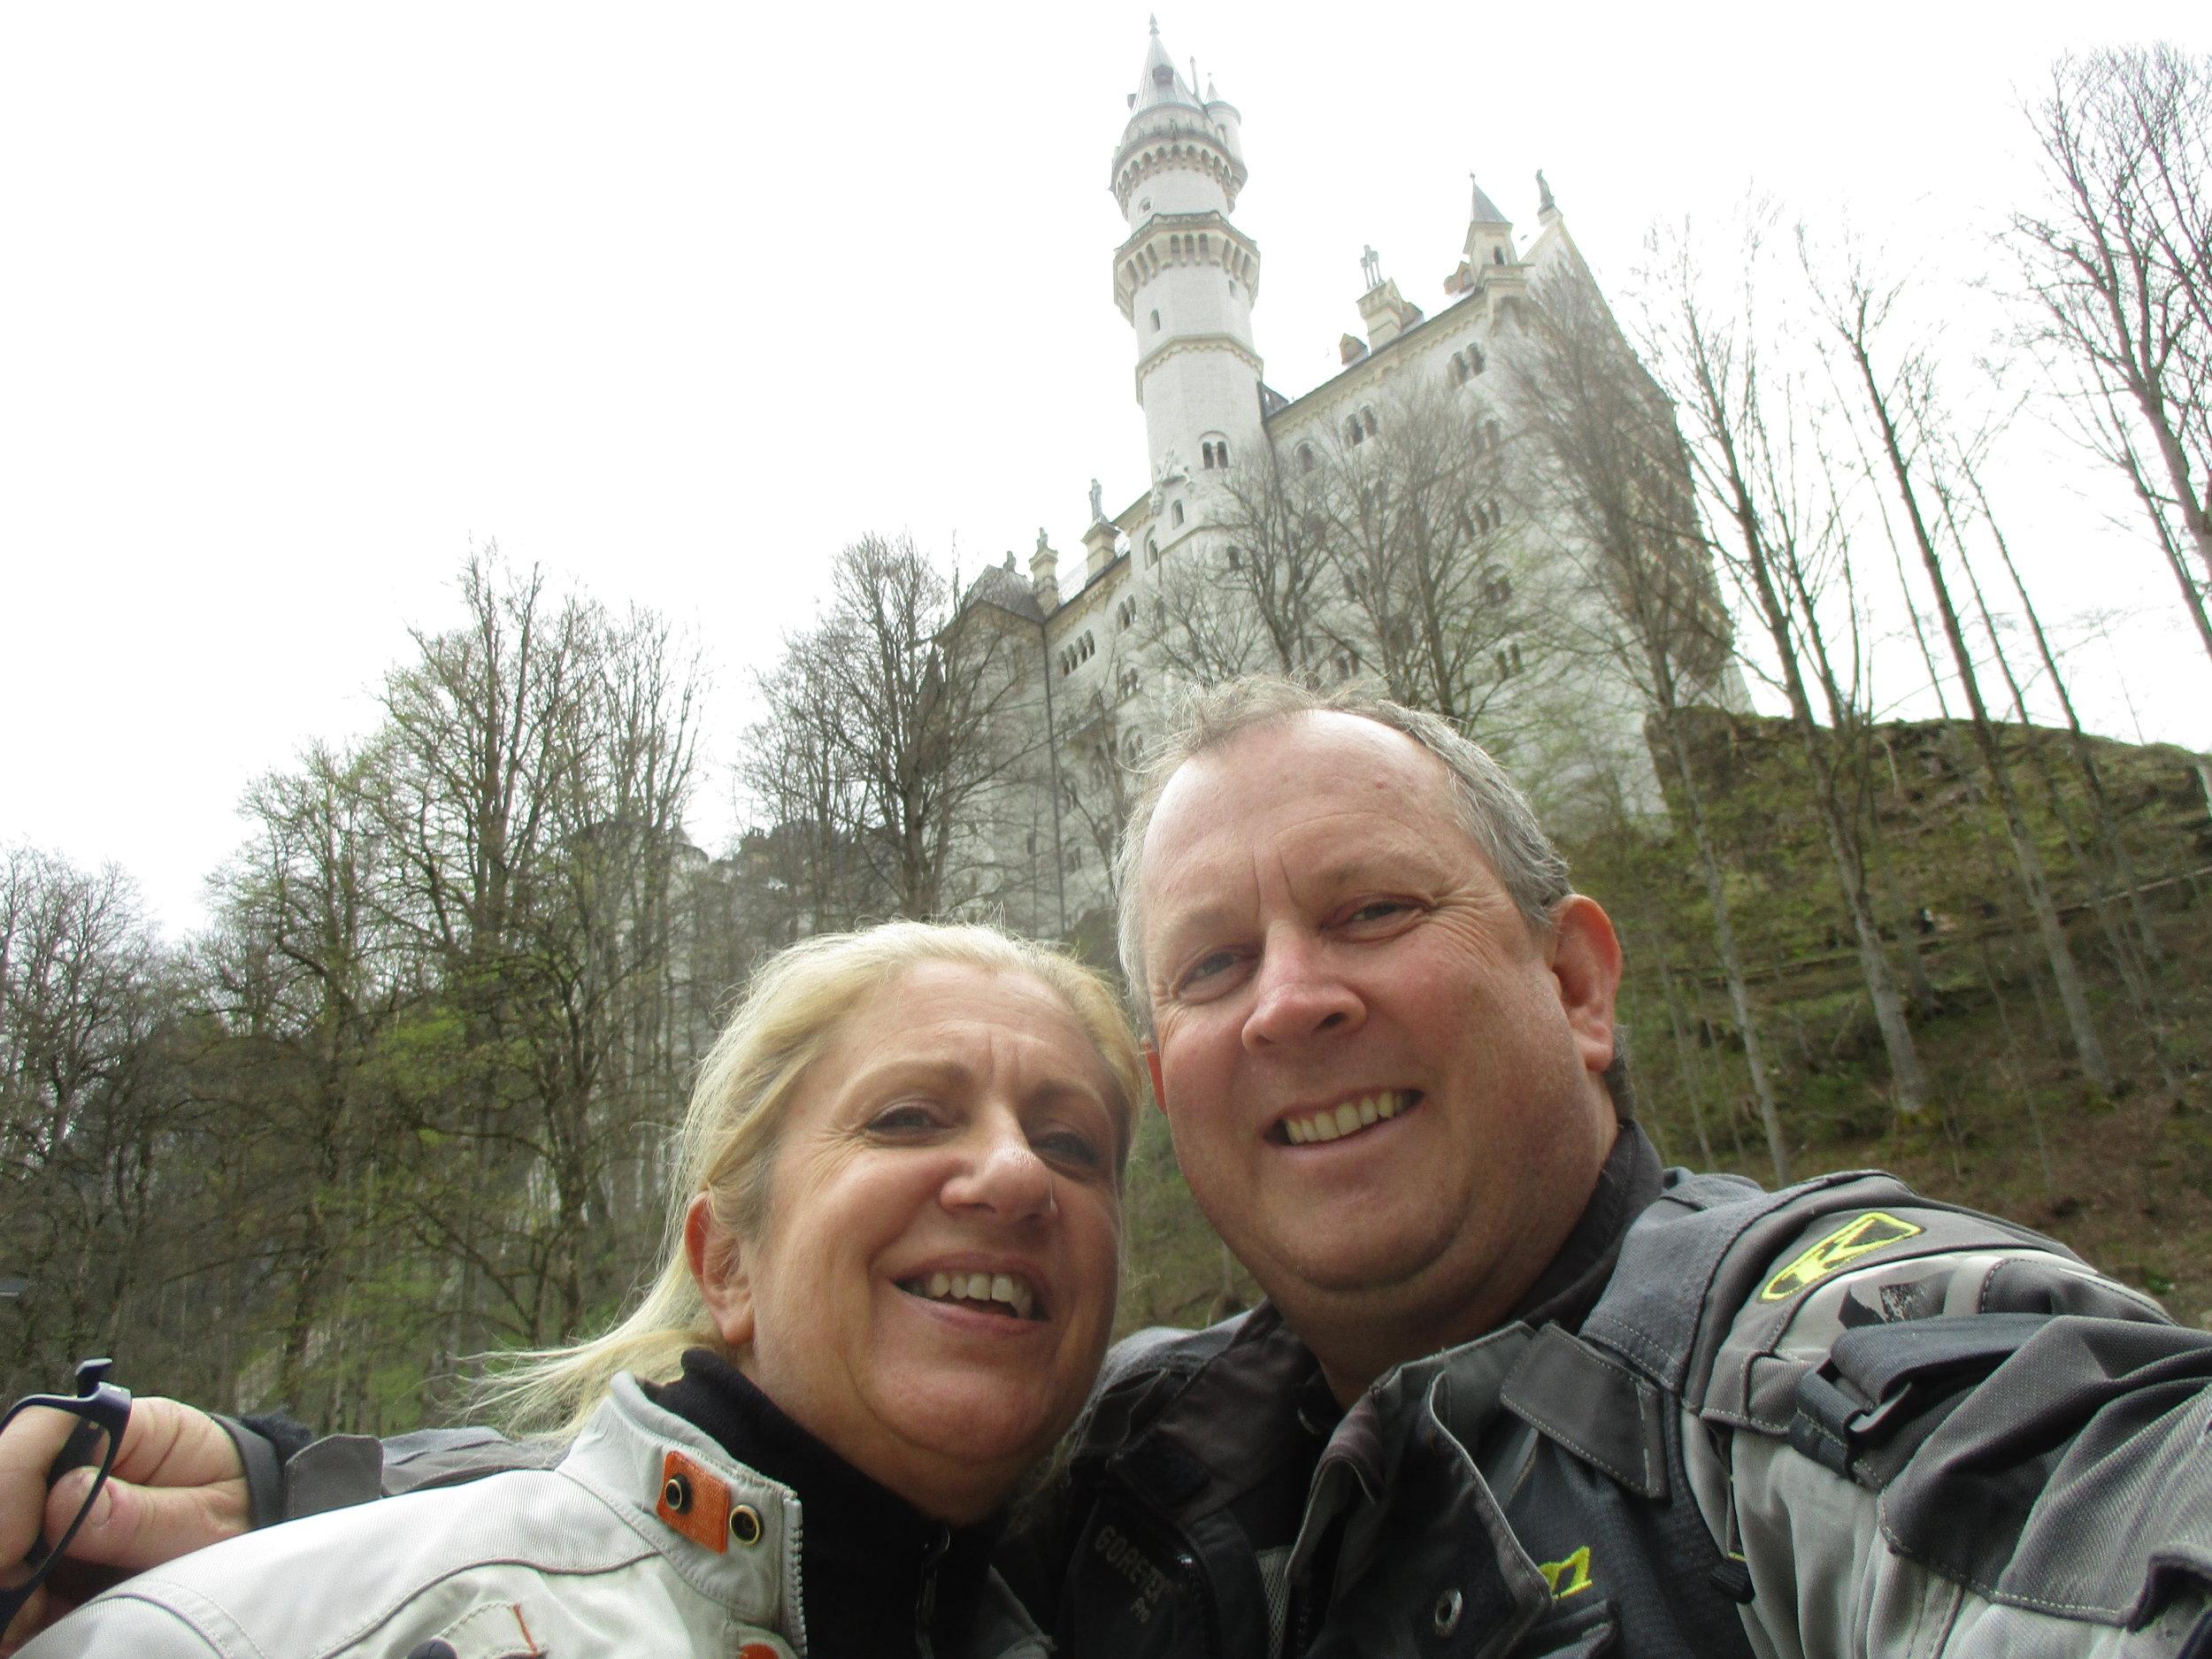 A selfie with Neuschwanstein